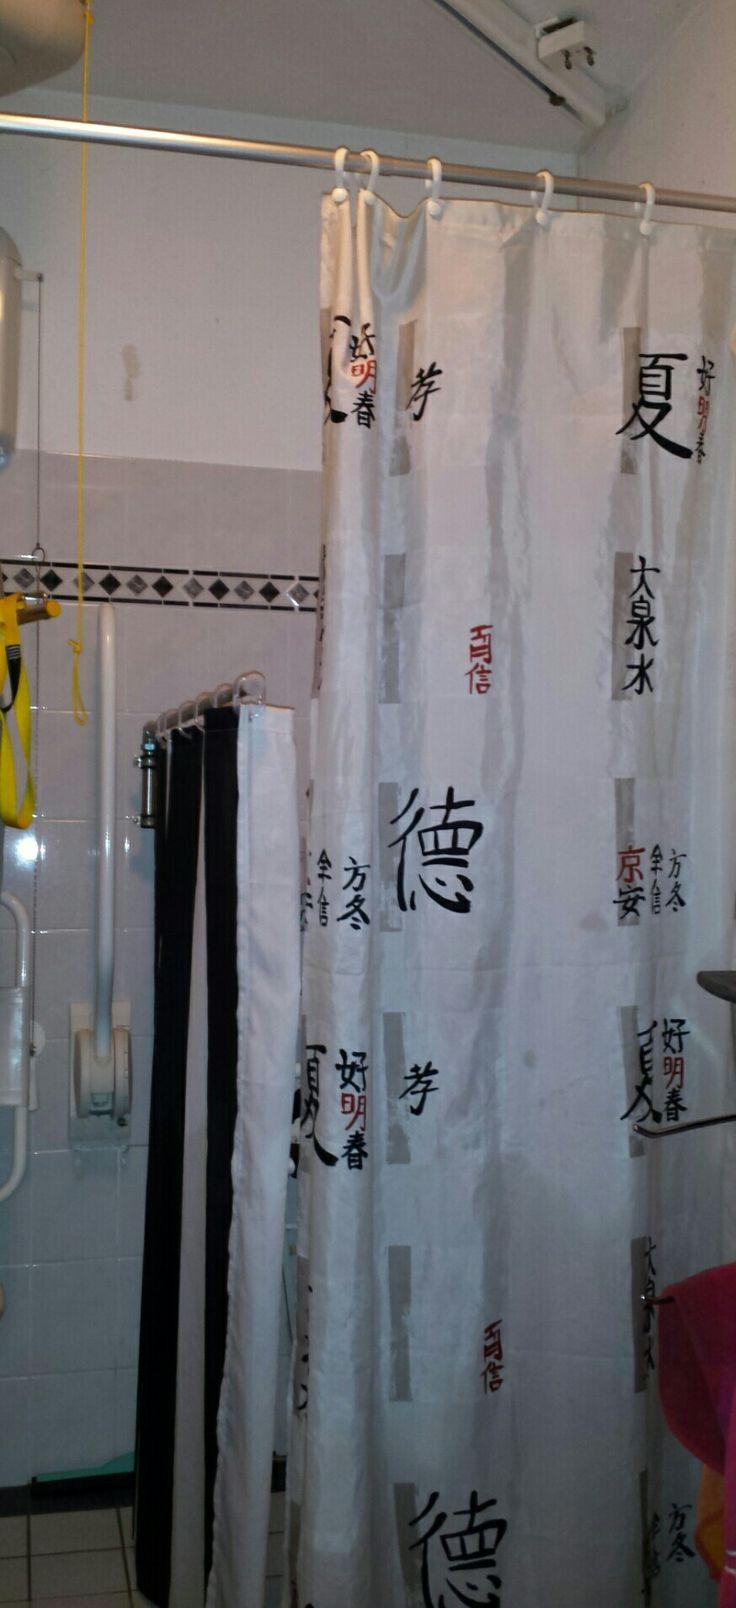 meer dan 1000 idee235n over badkamer plafonds op pinterest